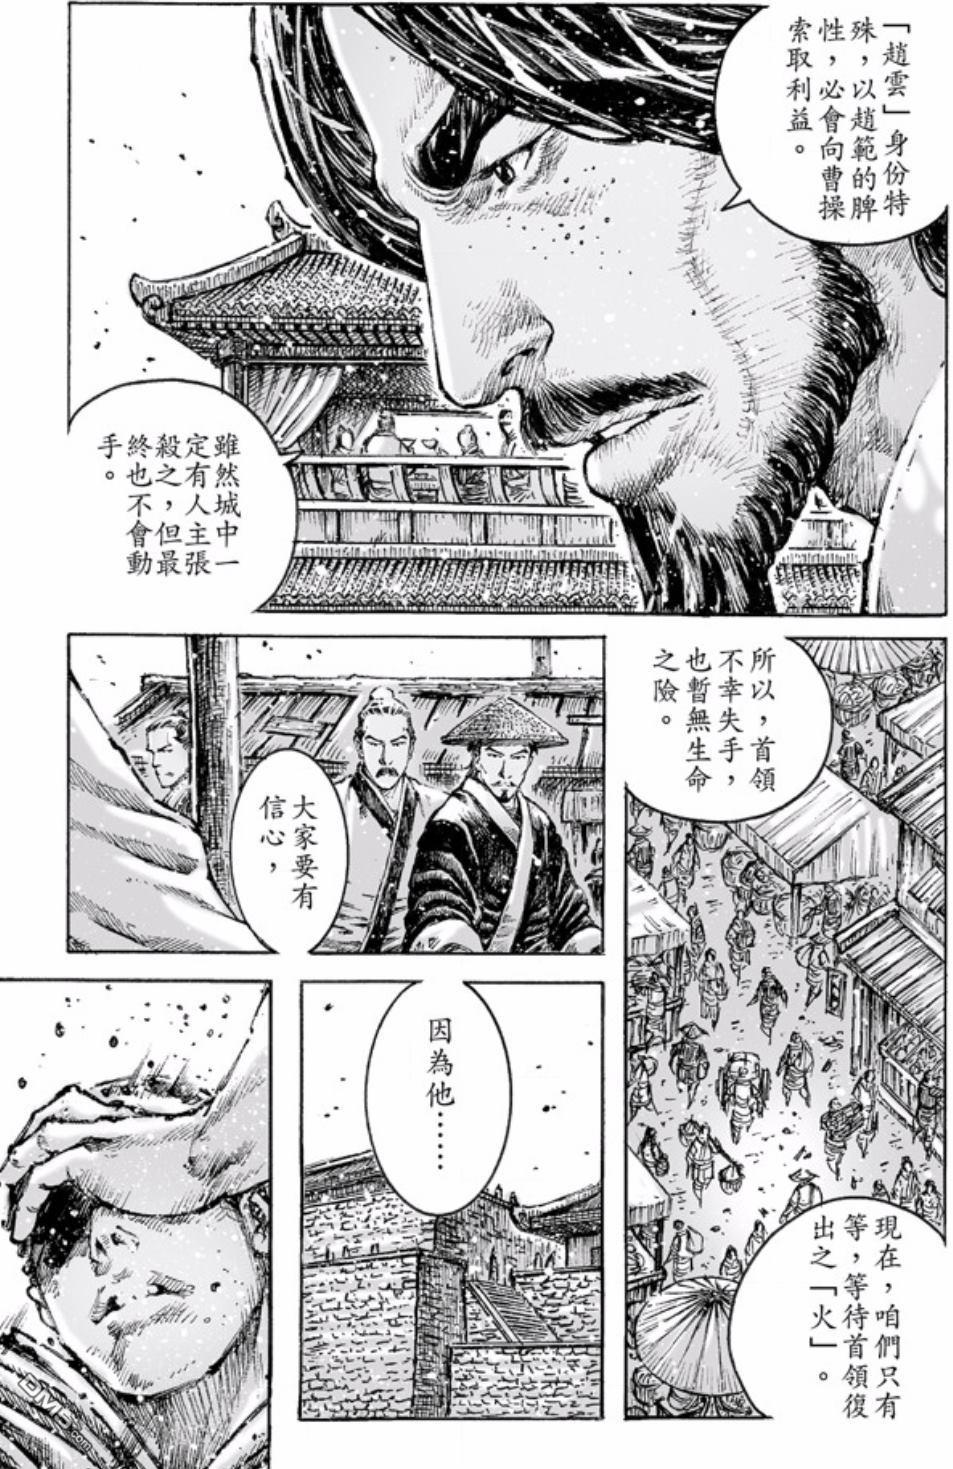 火鳳燎原漫畫火鳳燎原第466回:重回正軌(第11頁)劇情-二次元動漫